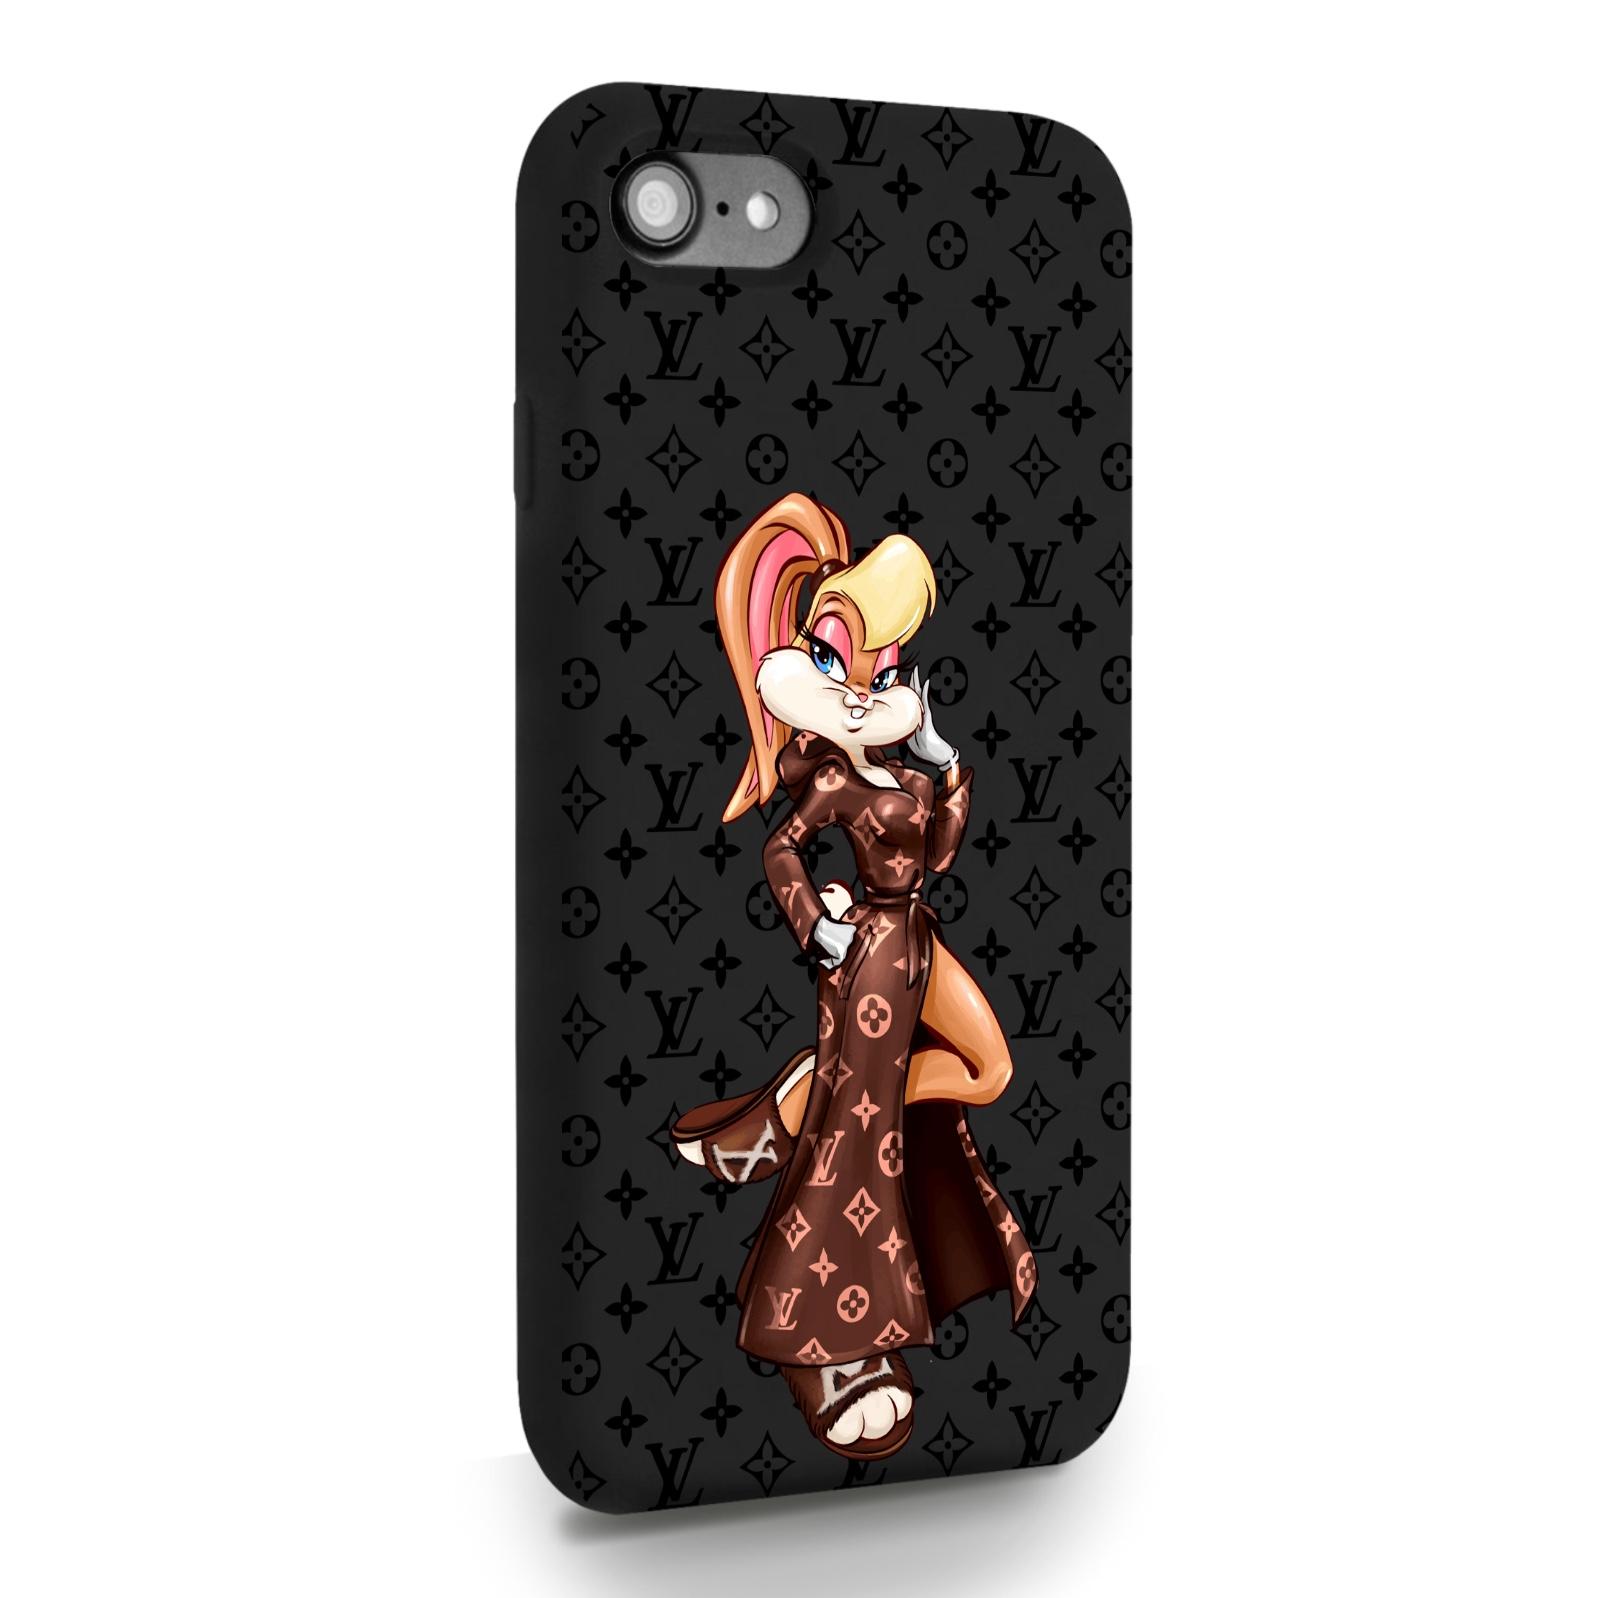 Черный силиконовый чехол для iPhone 7/8/SE2020 Миссис Богатая Зайка Релакс LV/ Mrs. Rich Bunny Relax LV для Айфон 7/8/СЕ2020